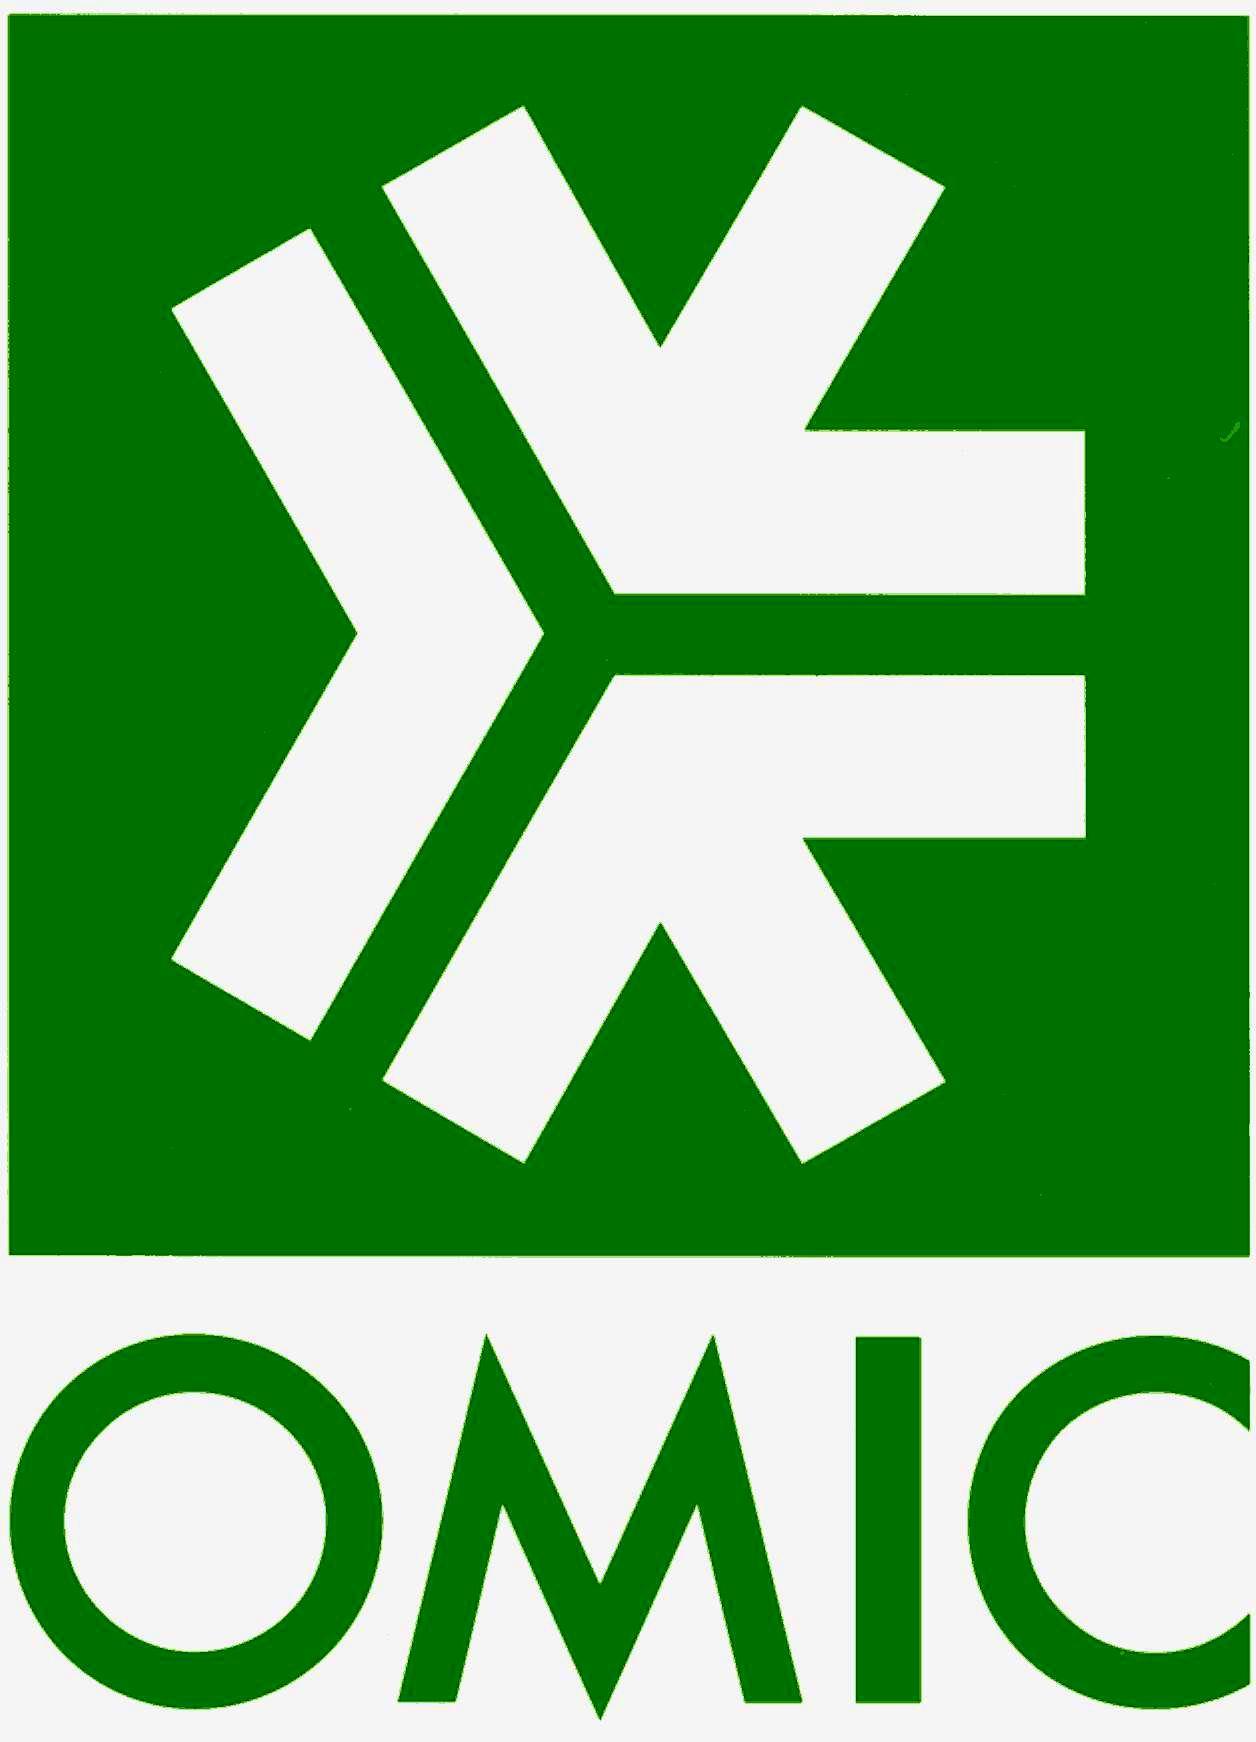 logo-omic.jpg - 82.33 KB